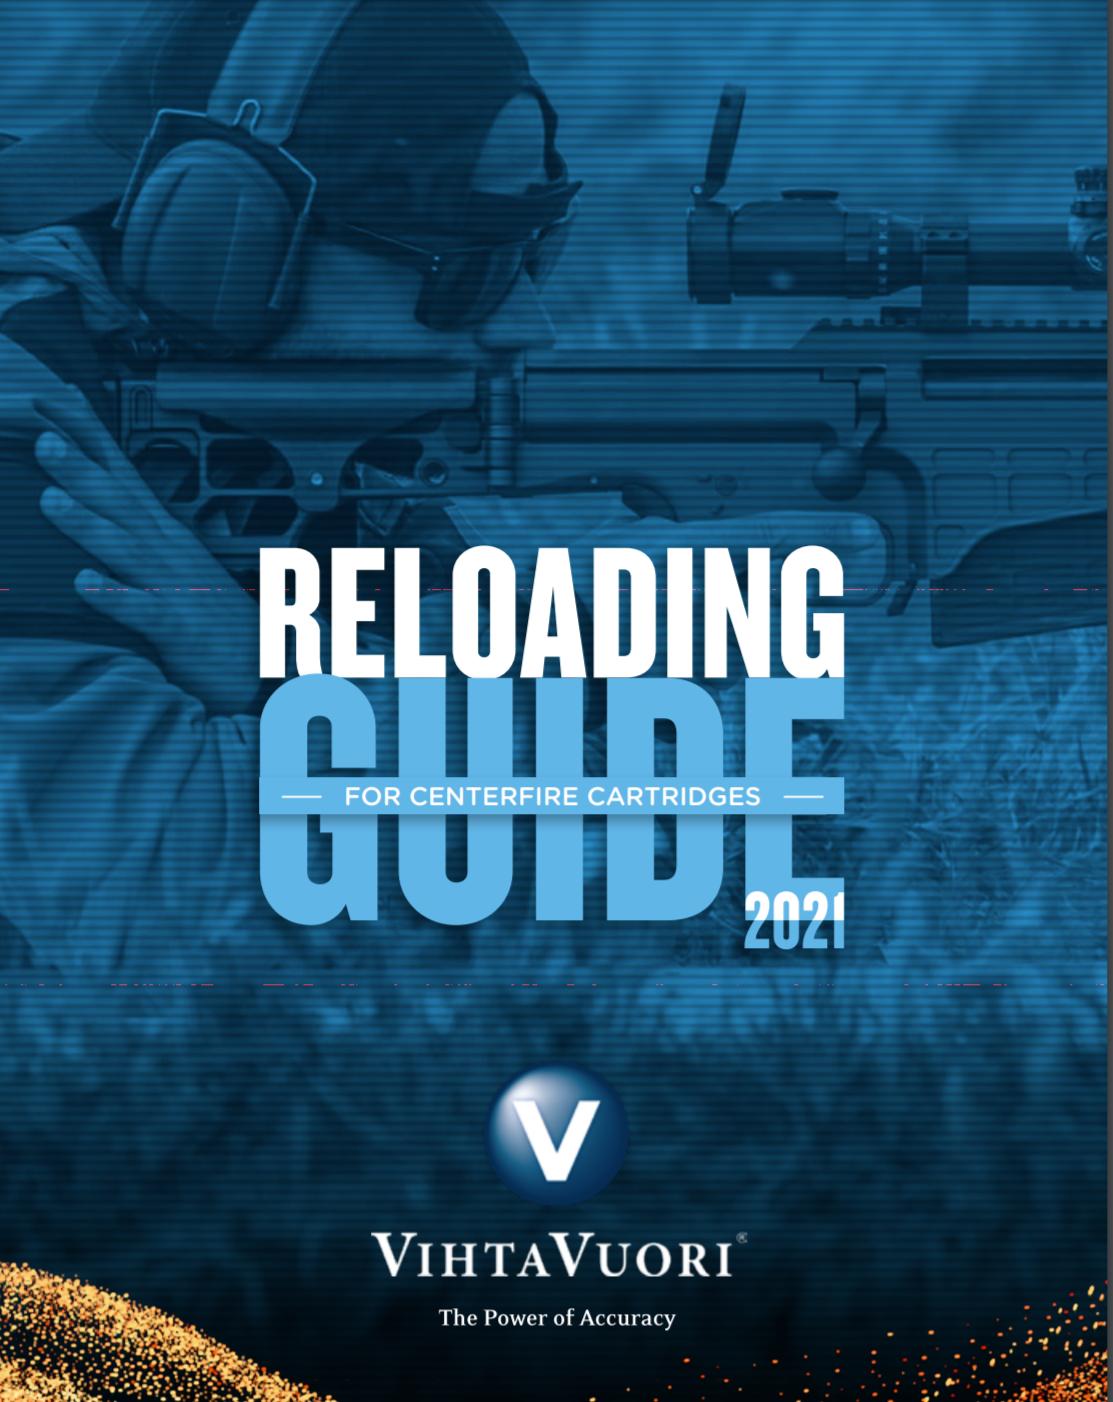 Vithavouri Reloading Guide 2021